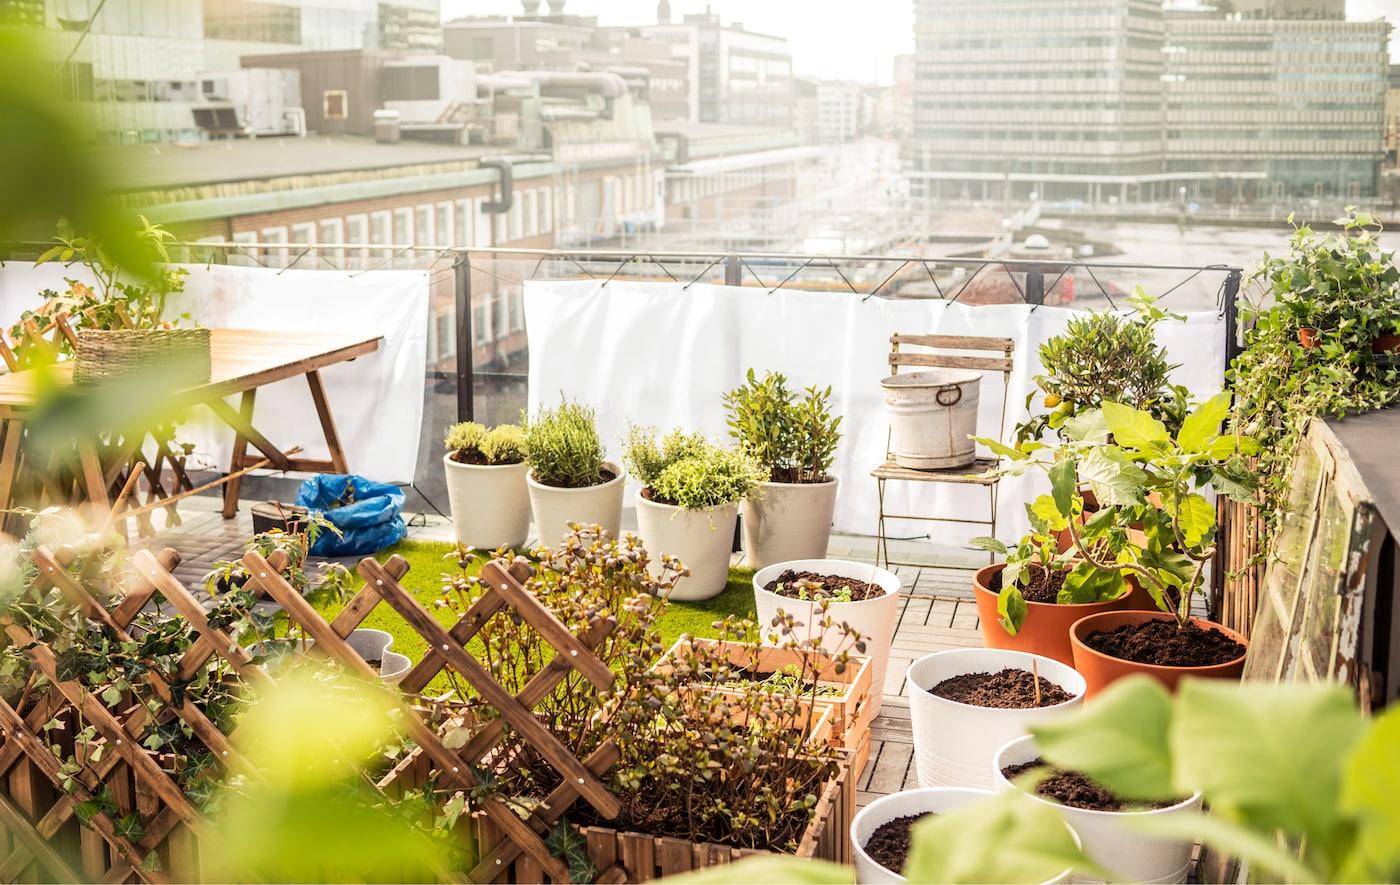 Petit jardin aménagé sur un toit, avec carré d'herbe